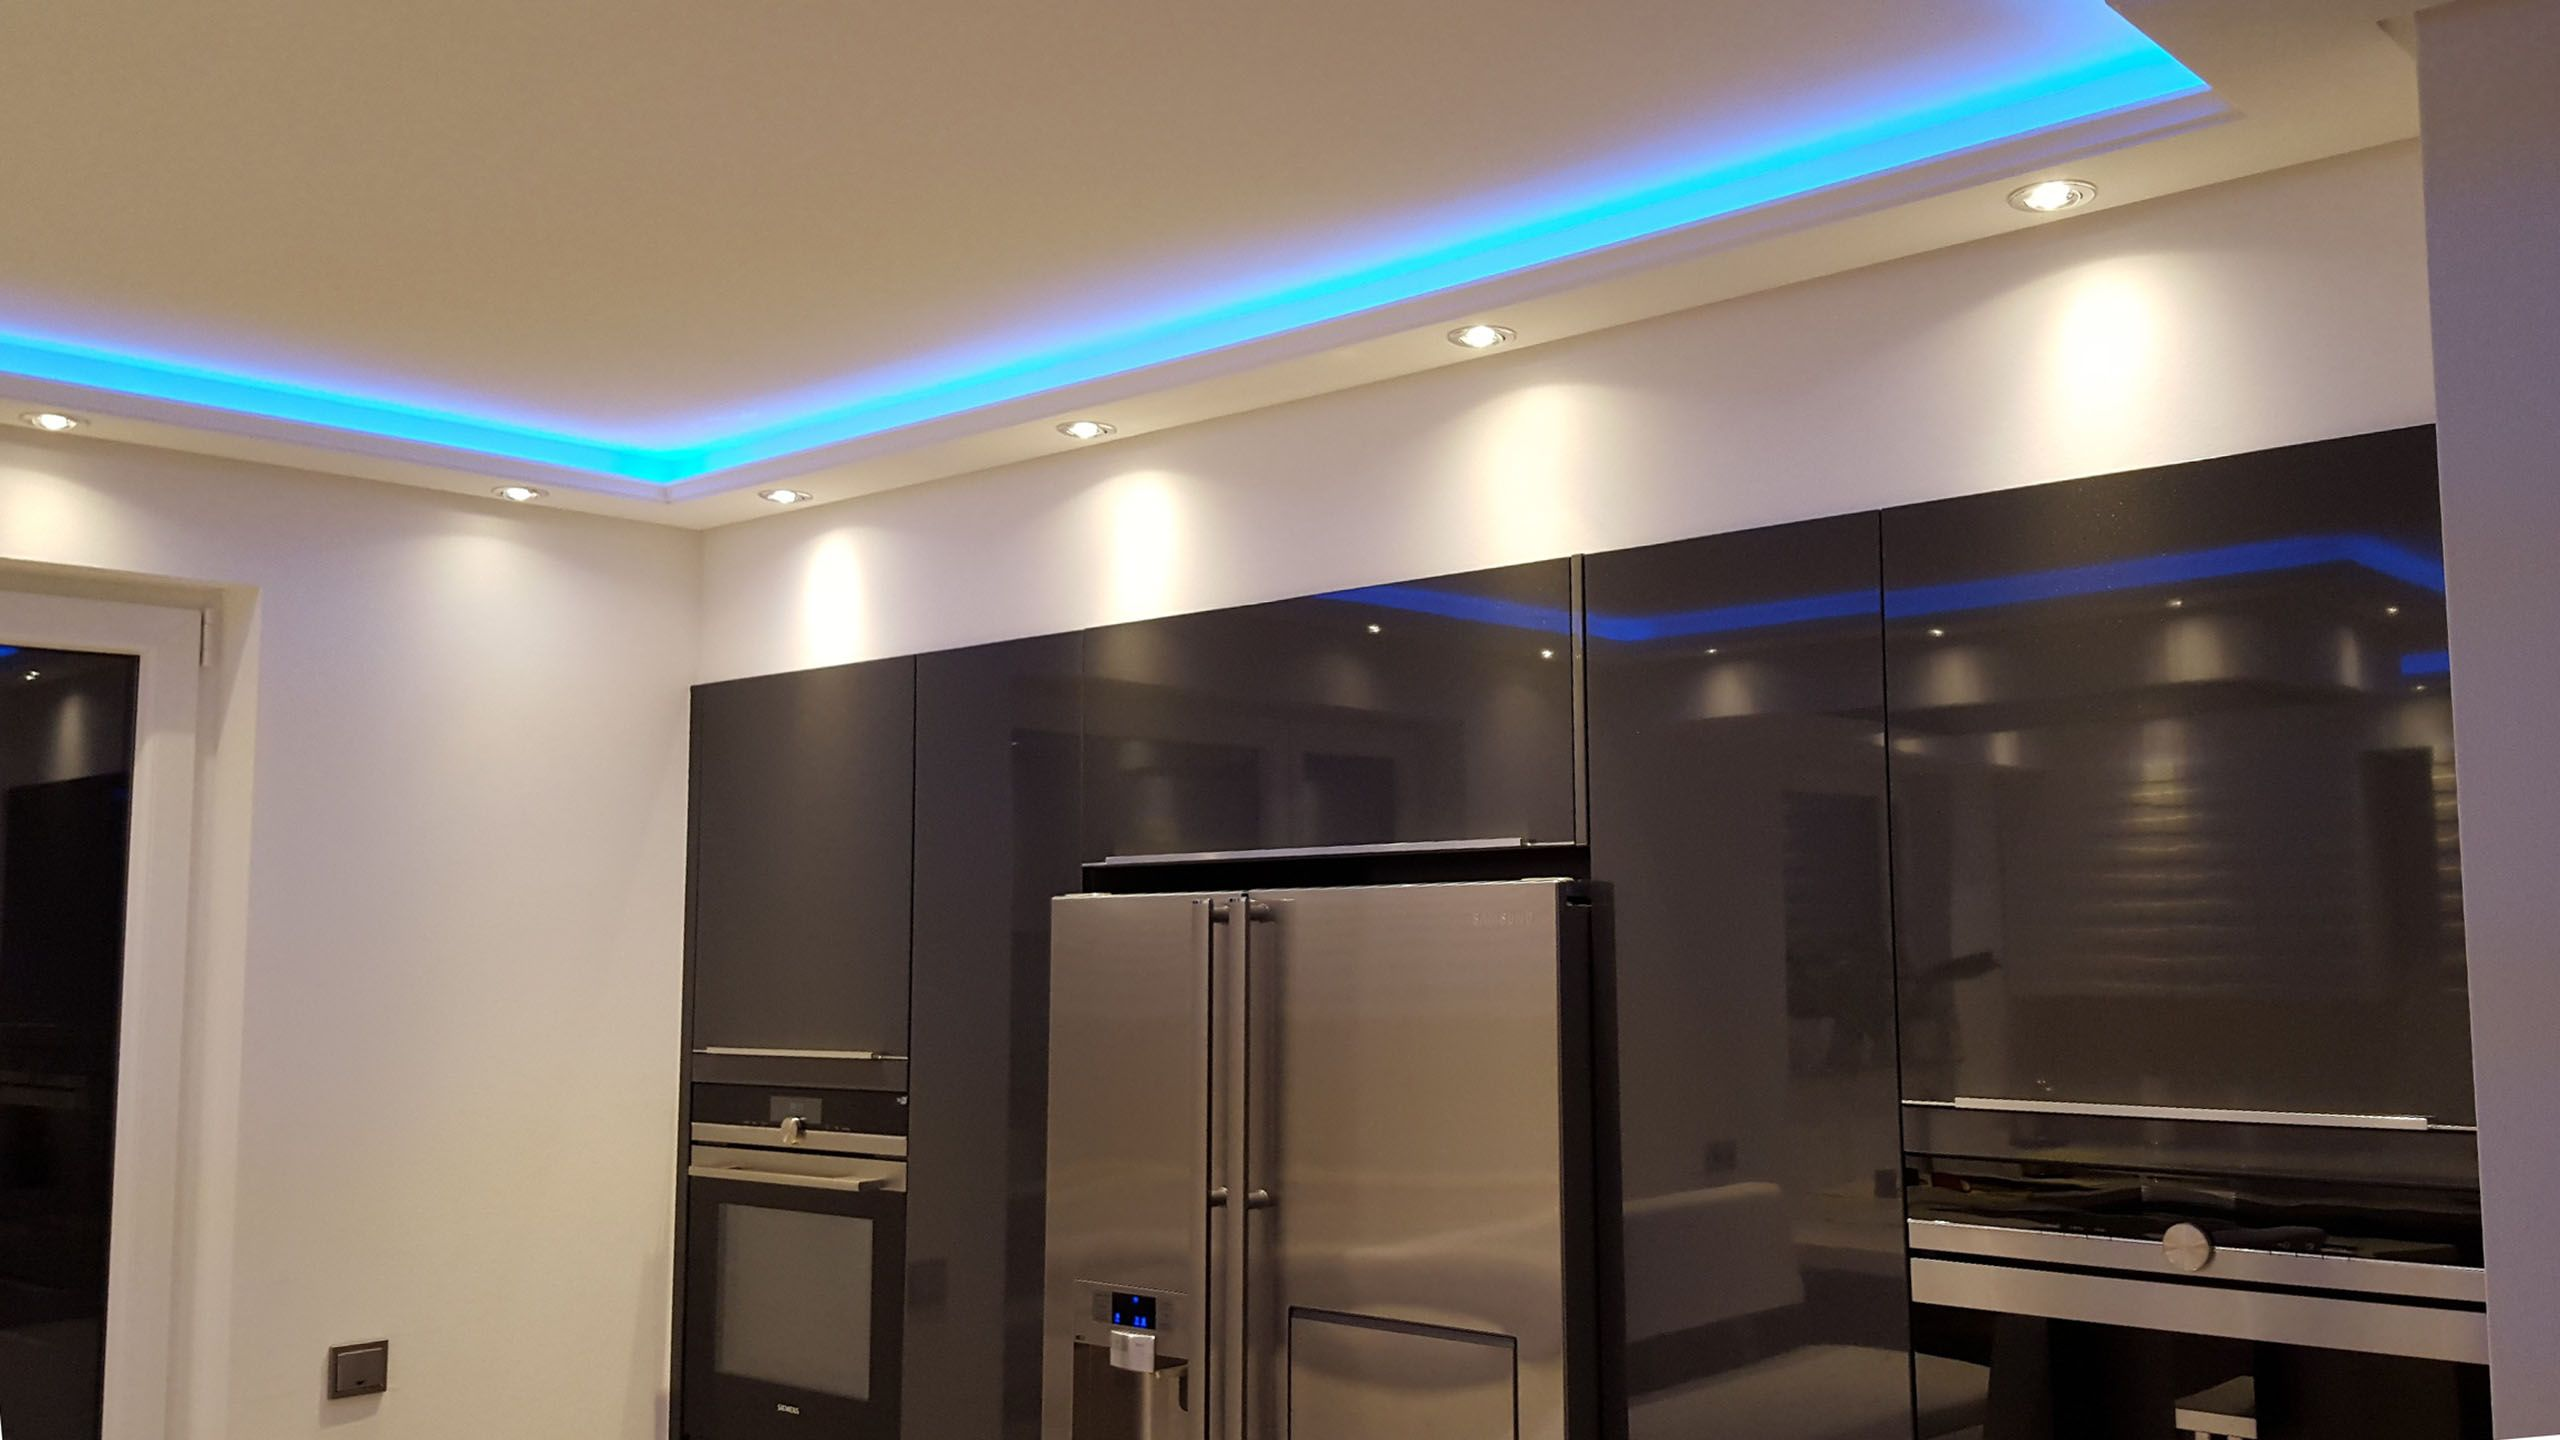 Indirekte Beleuchtung Von Wand Und Decke In Der Kuche Realisiert Durch Das Stuckprofil Wdkl 200c Indirekte Beleuchtung Led Beleuchtung Indirekte Beleuchtung